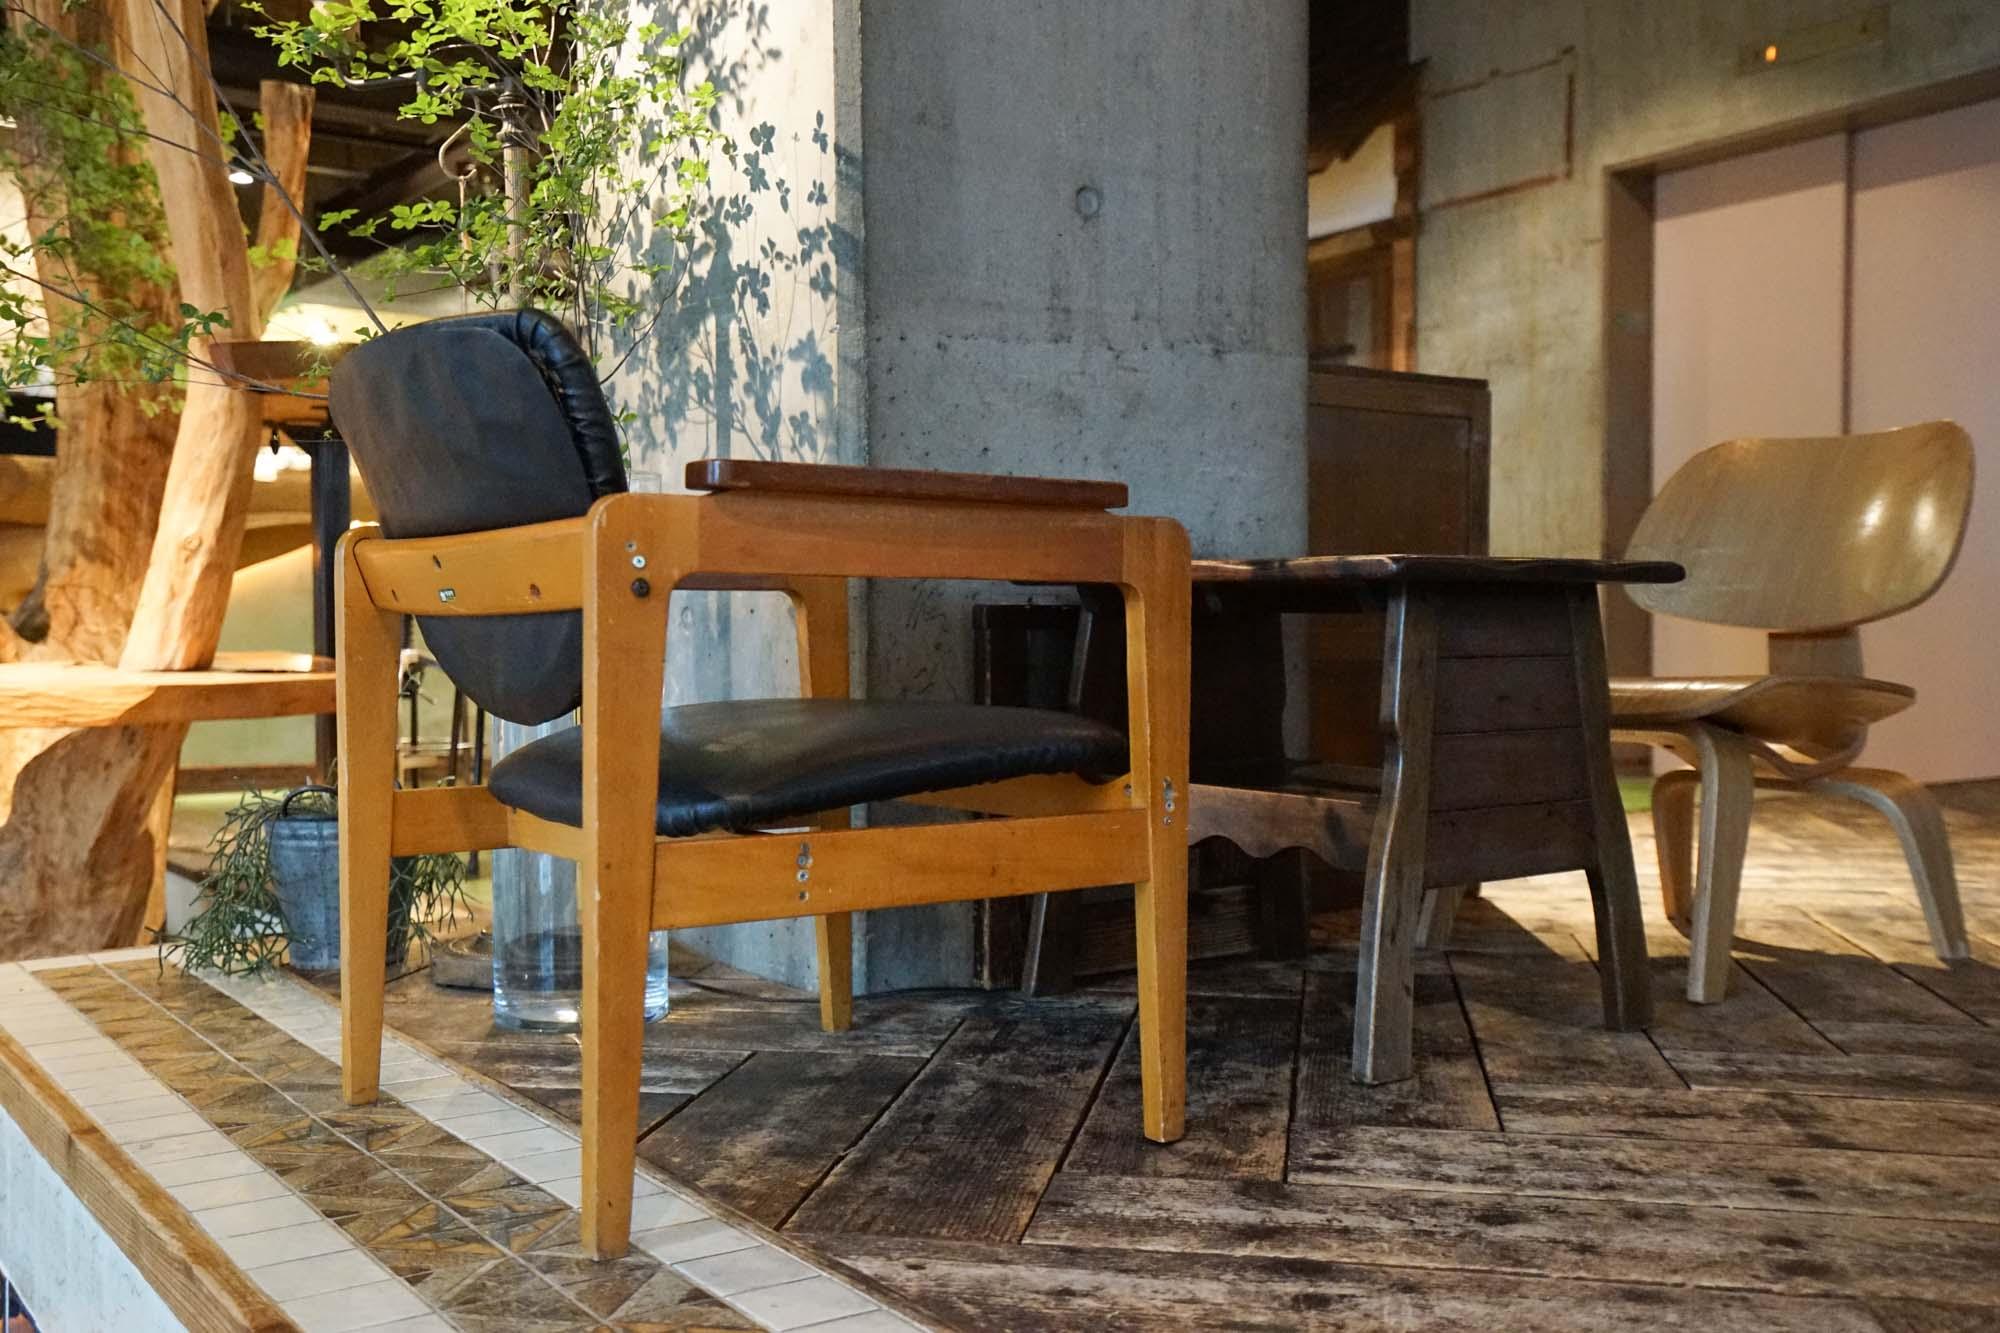 私のお気に入りは、柱の陰にあるこの席。ゆっくりと時間の過ごせる家具が選ばれています。